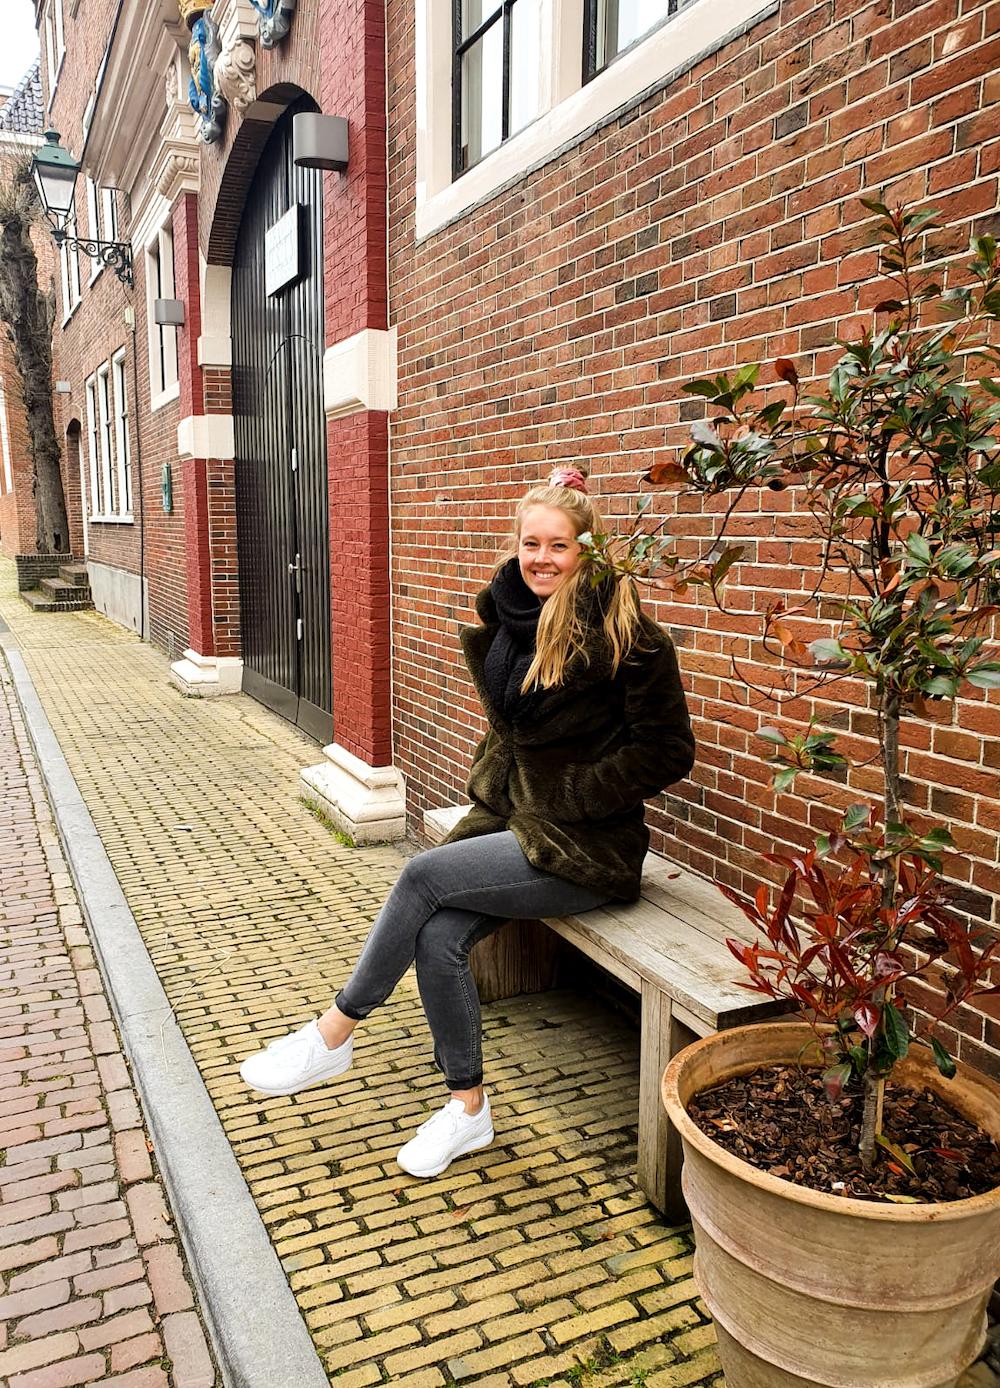 Historische binnenstad van Leeuwarden